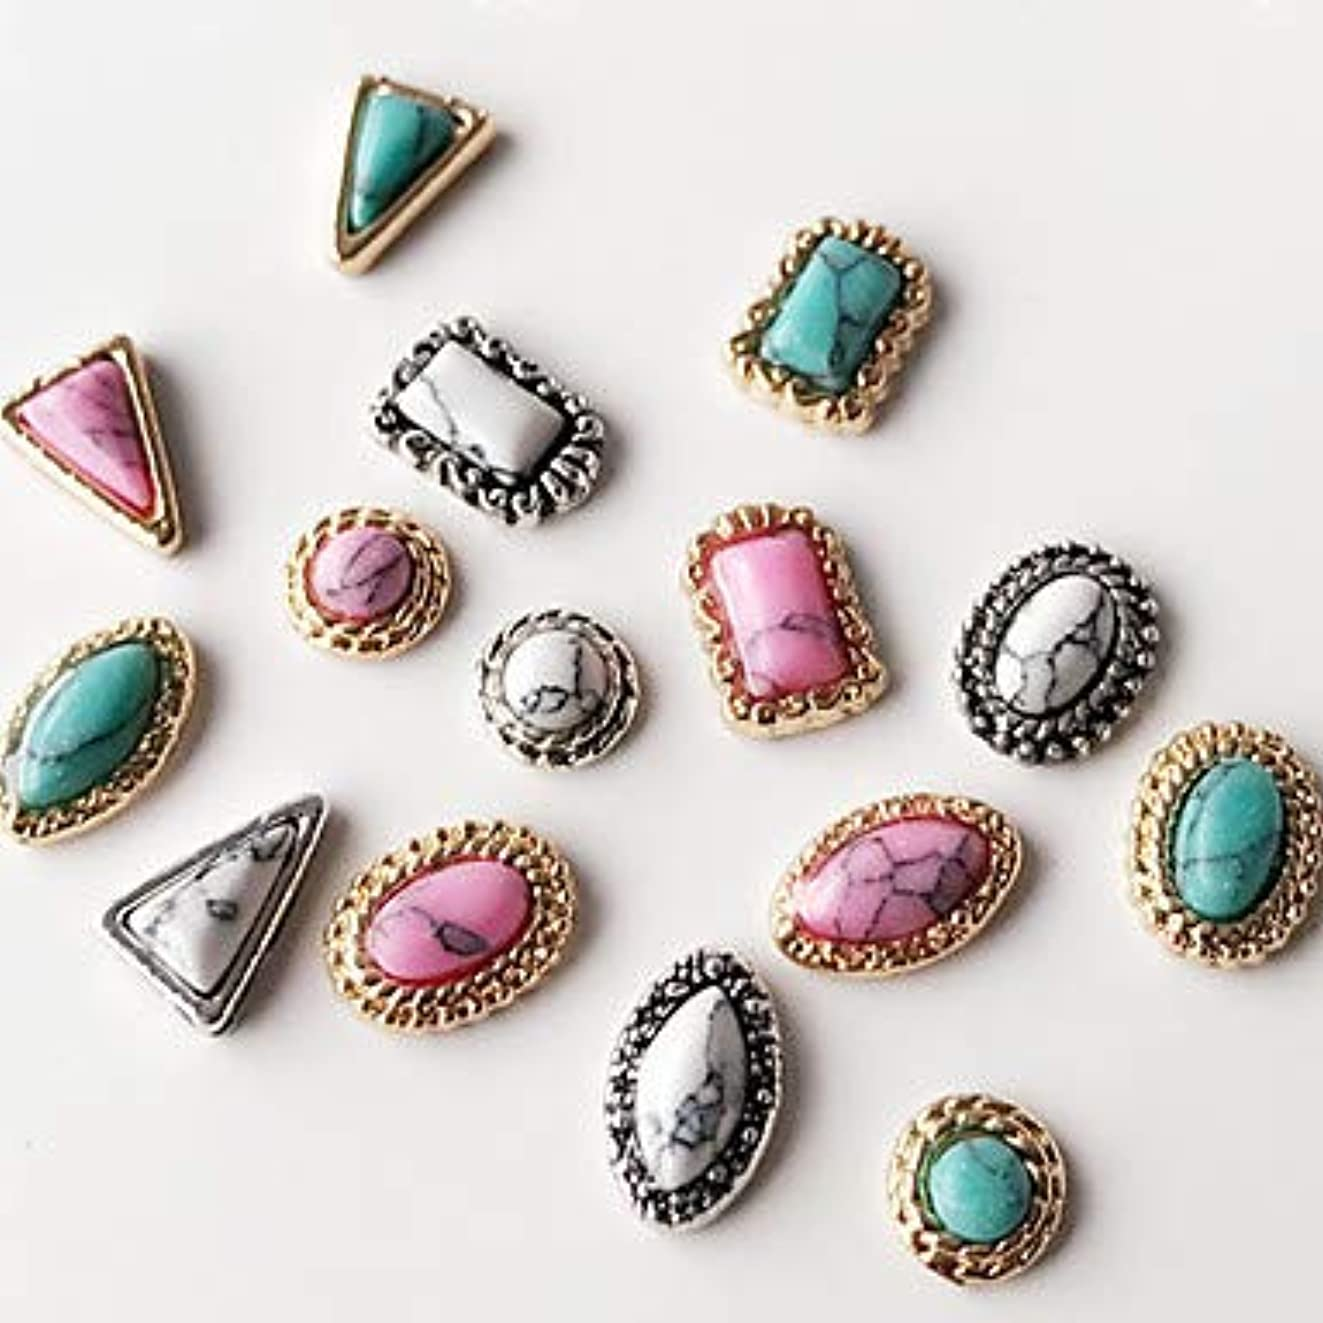 バングウィザード不公平10個混合スタイル混合色古代の宝石ネイルアートの装飾に戻ります